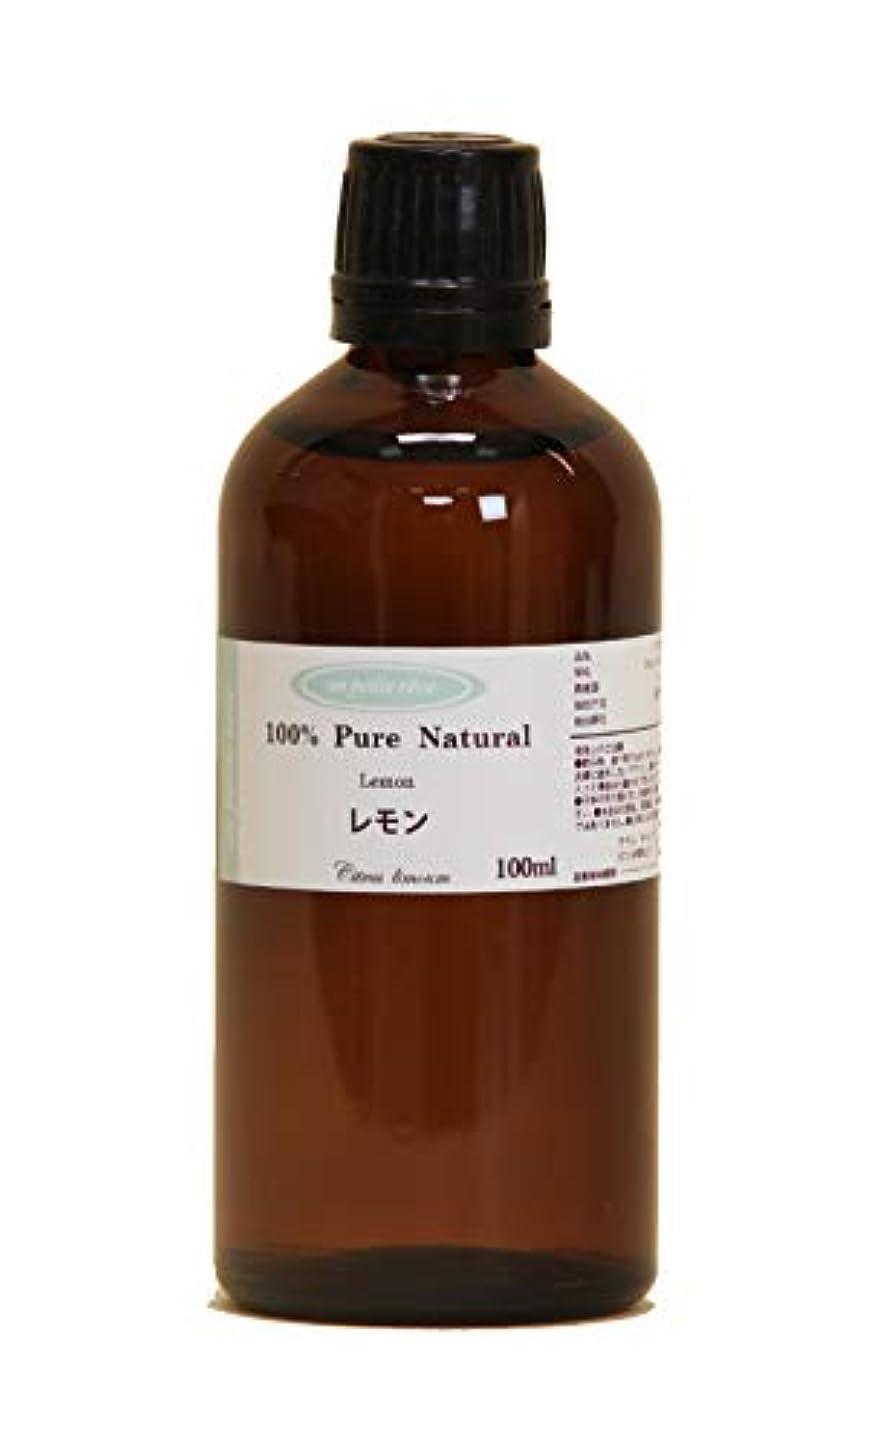 名義で半径食べるレモン 100ml 100%天然アロマエッセンシャルオイル(精油)